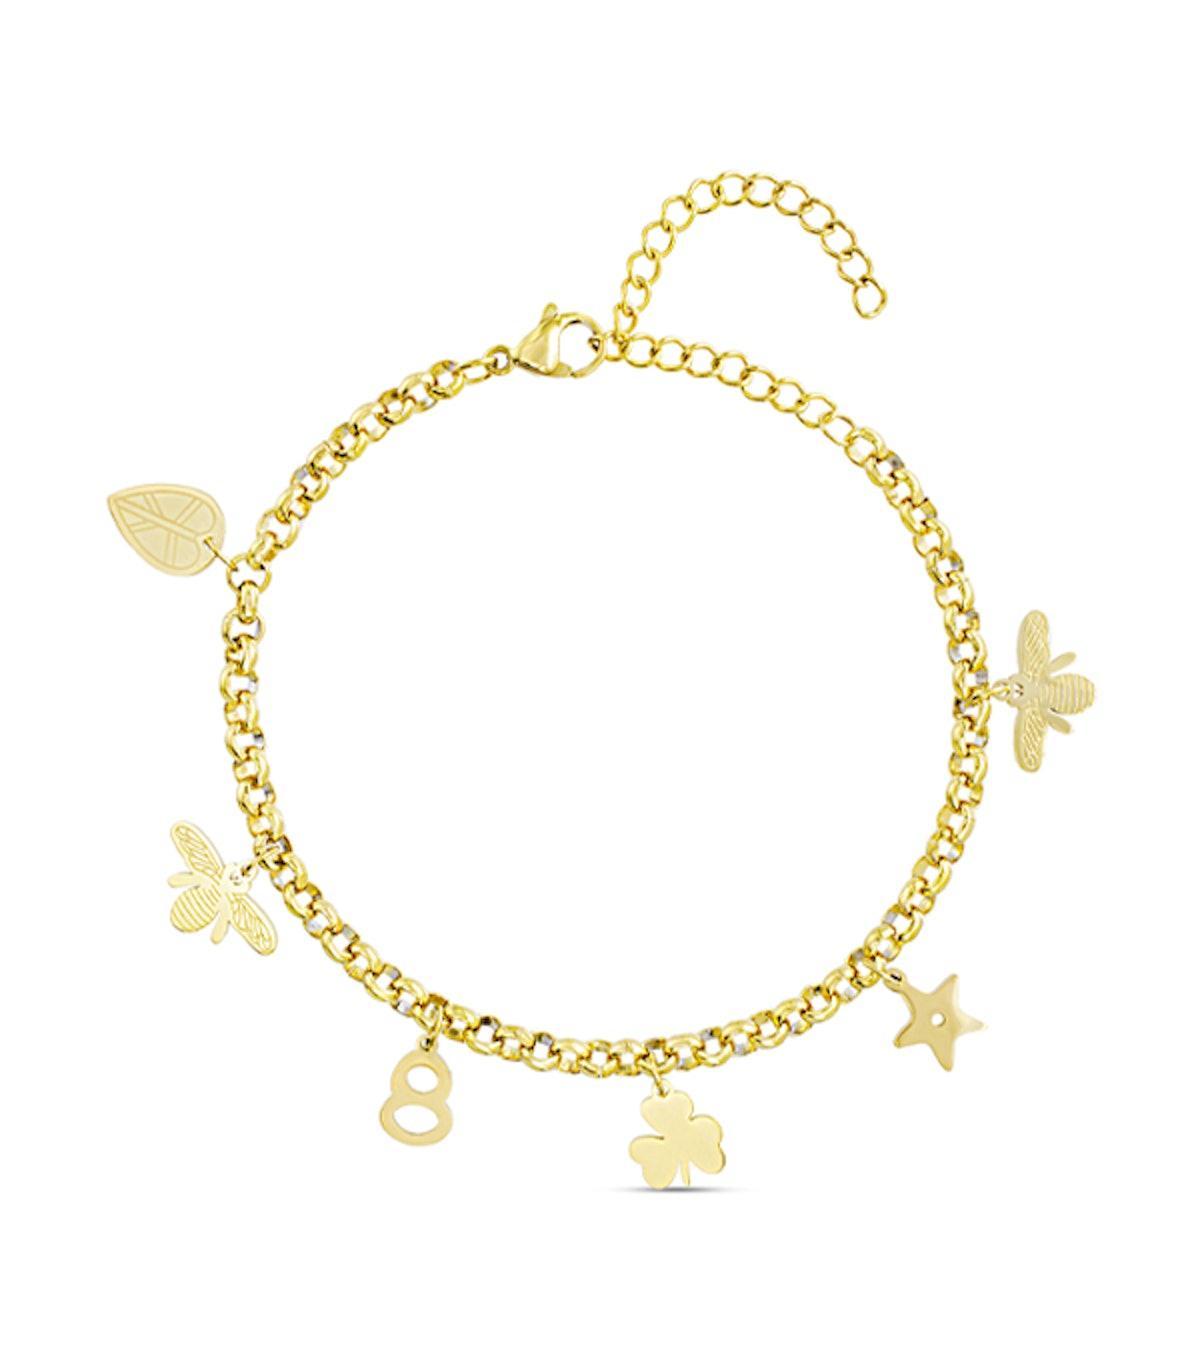 Multicharm Bracelet